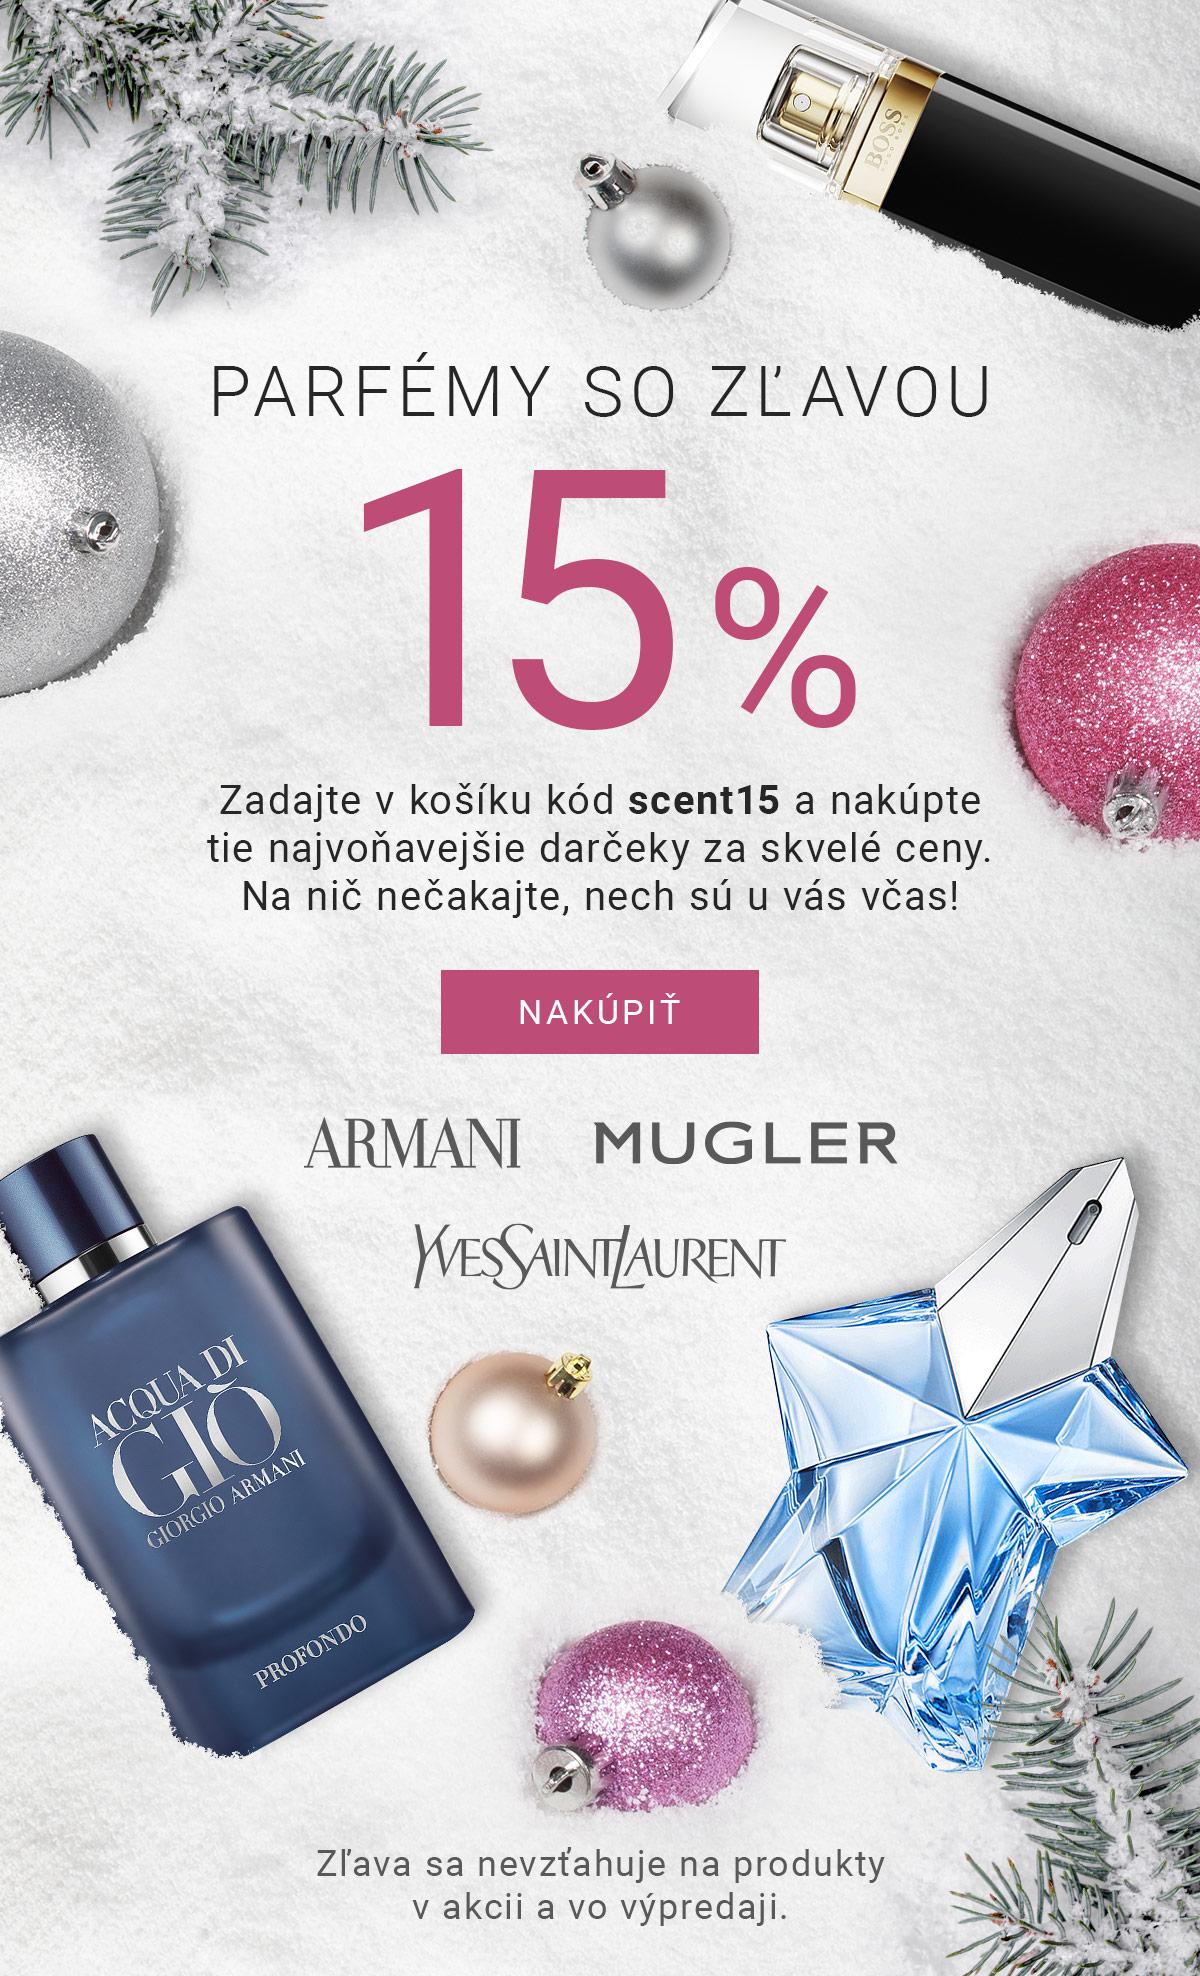 Parfémy so zľavou 15 %. Zadajte v košíku kód scent15